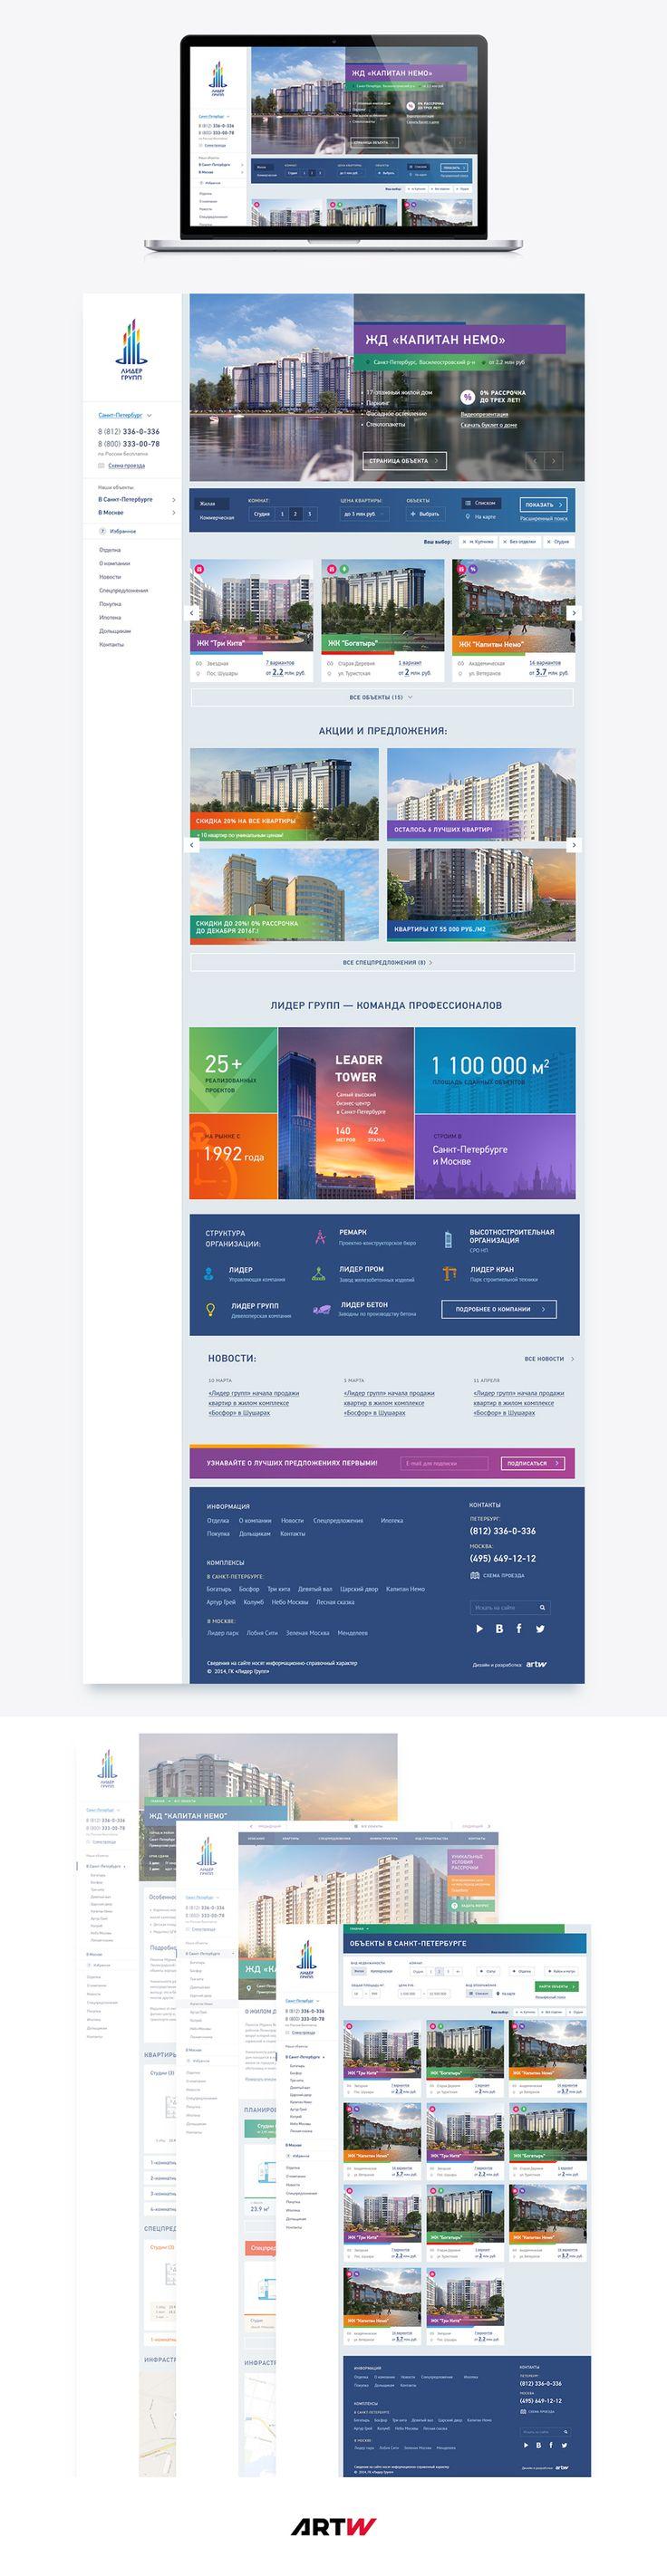 Веб дизайн продвижение сайтов new topic бюро аполитика изготовление и поисковое продвижение сайтов posting